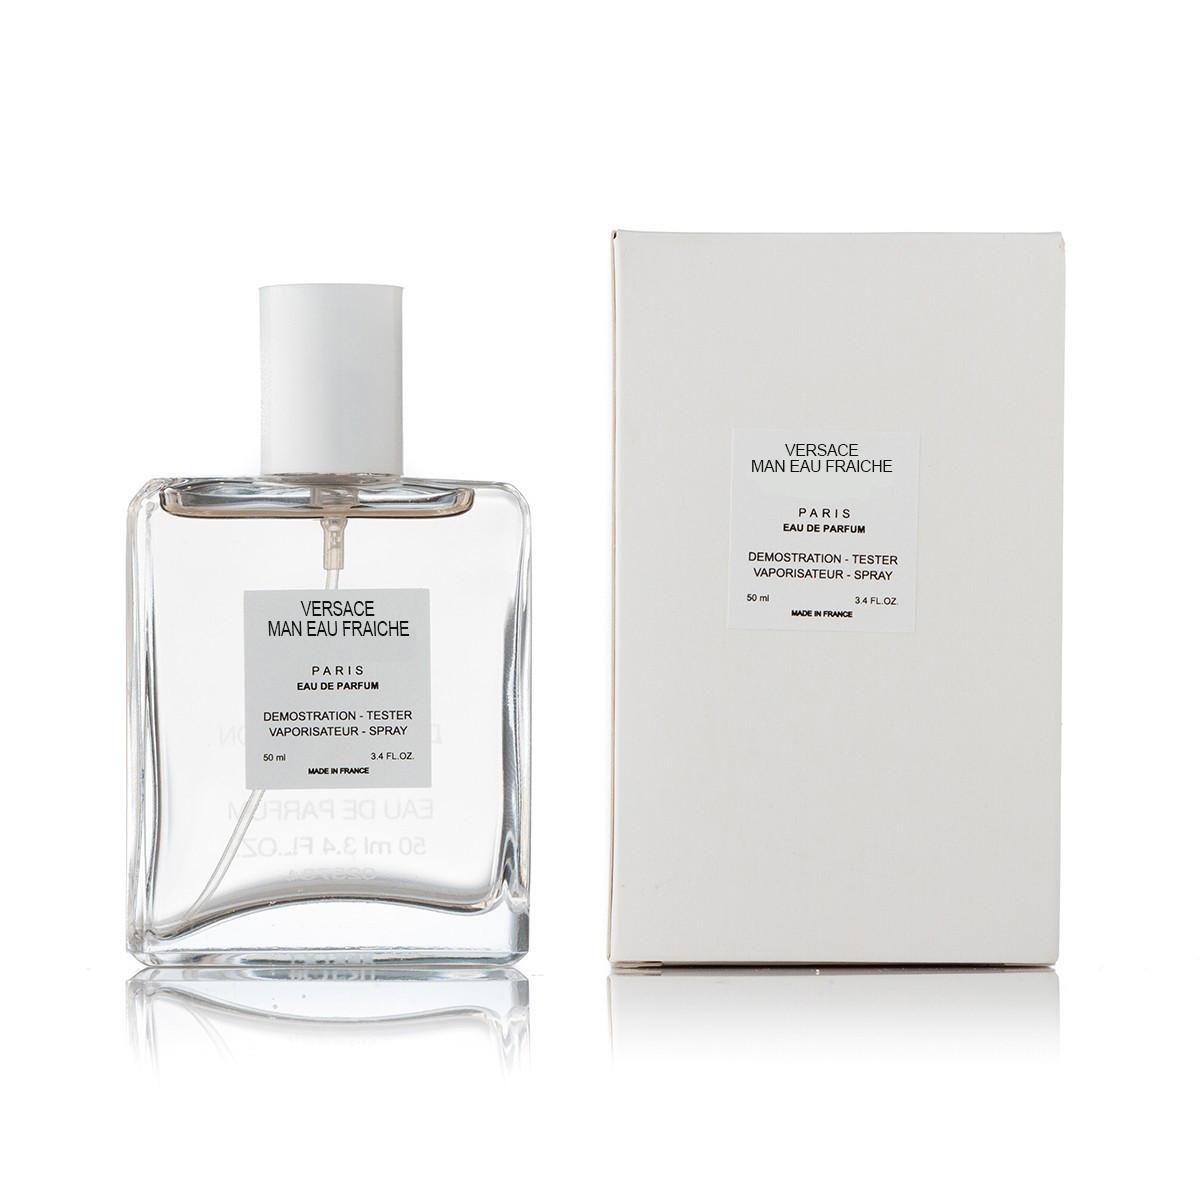 Versace Man Eau Fraiche - White Tester 50ml